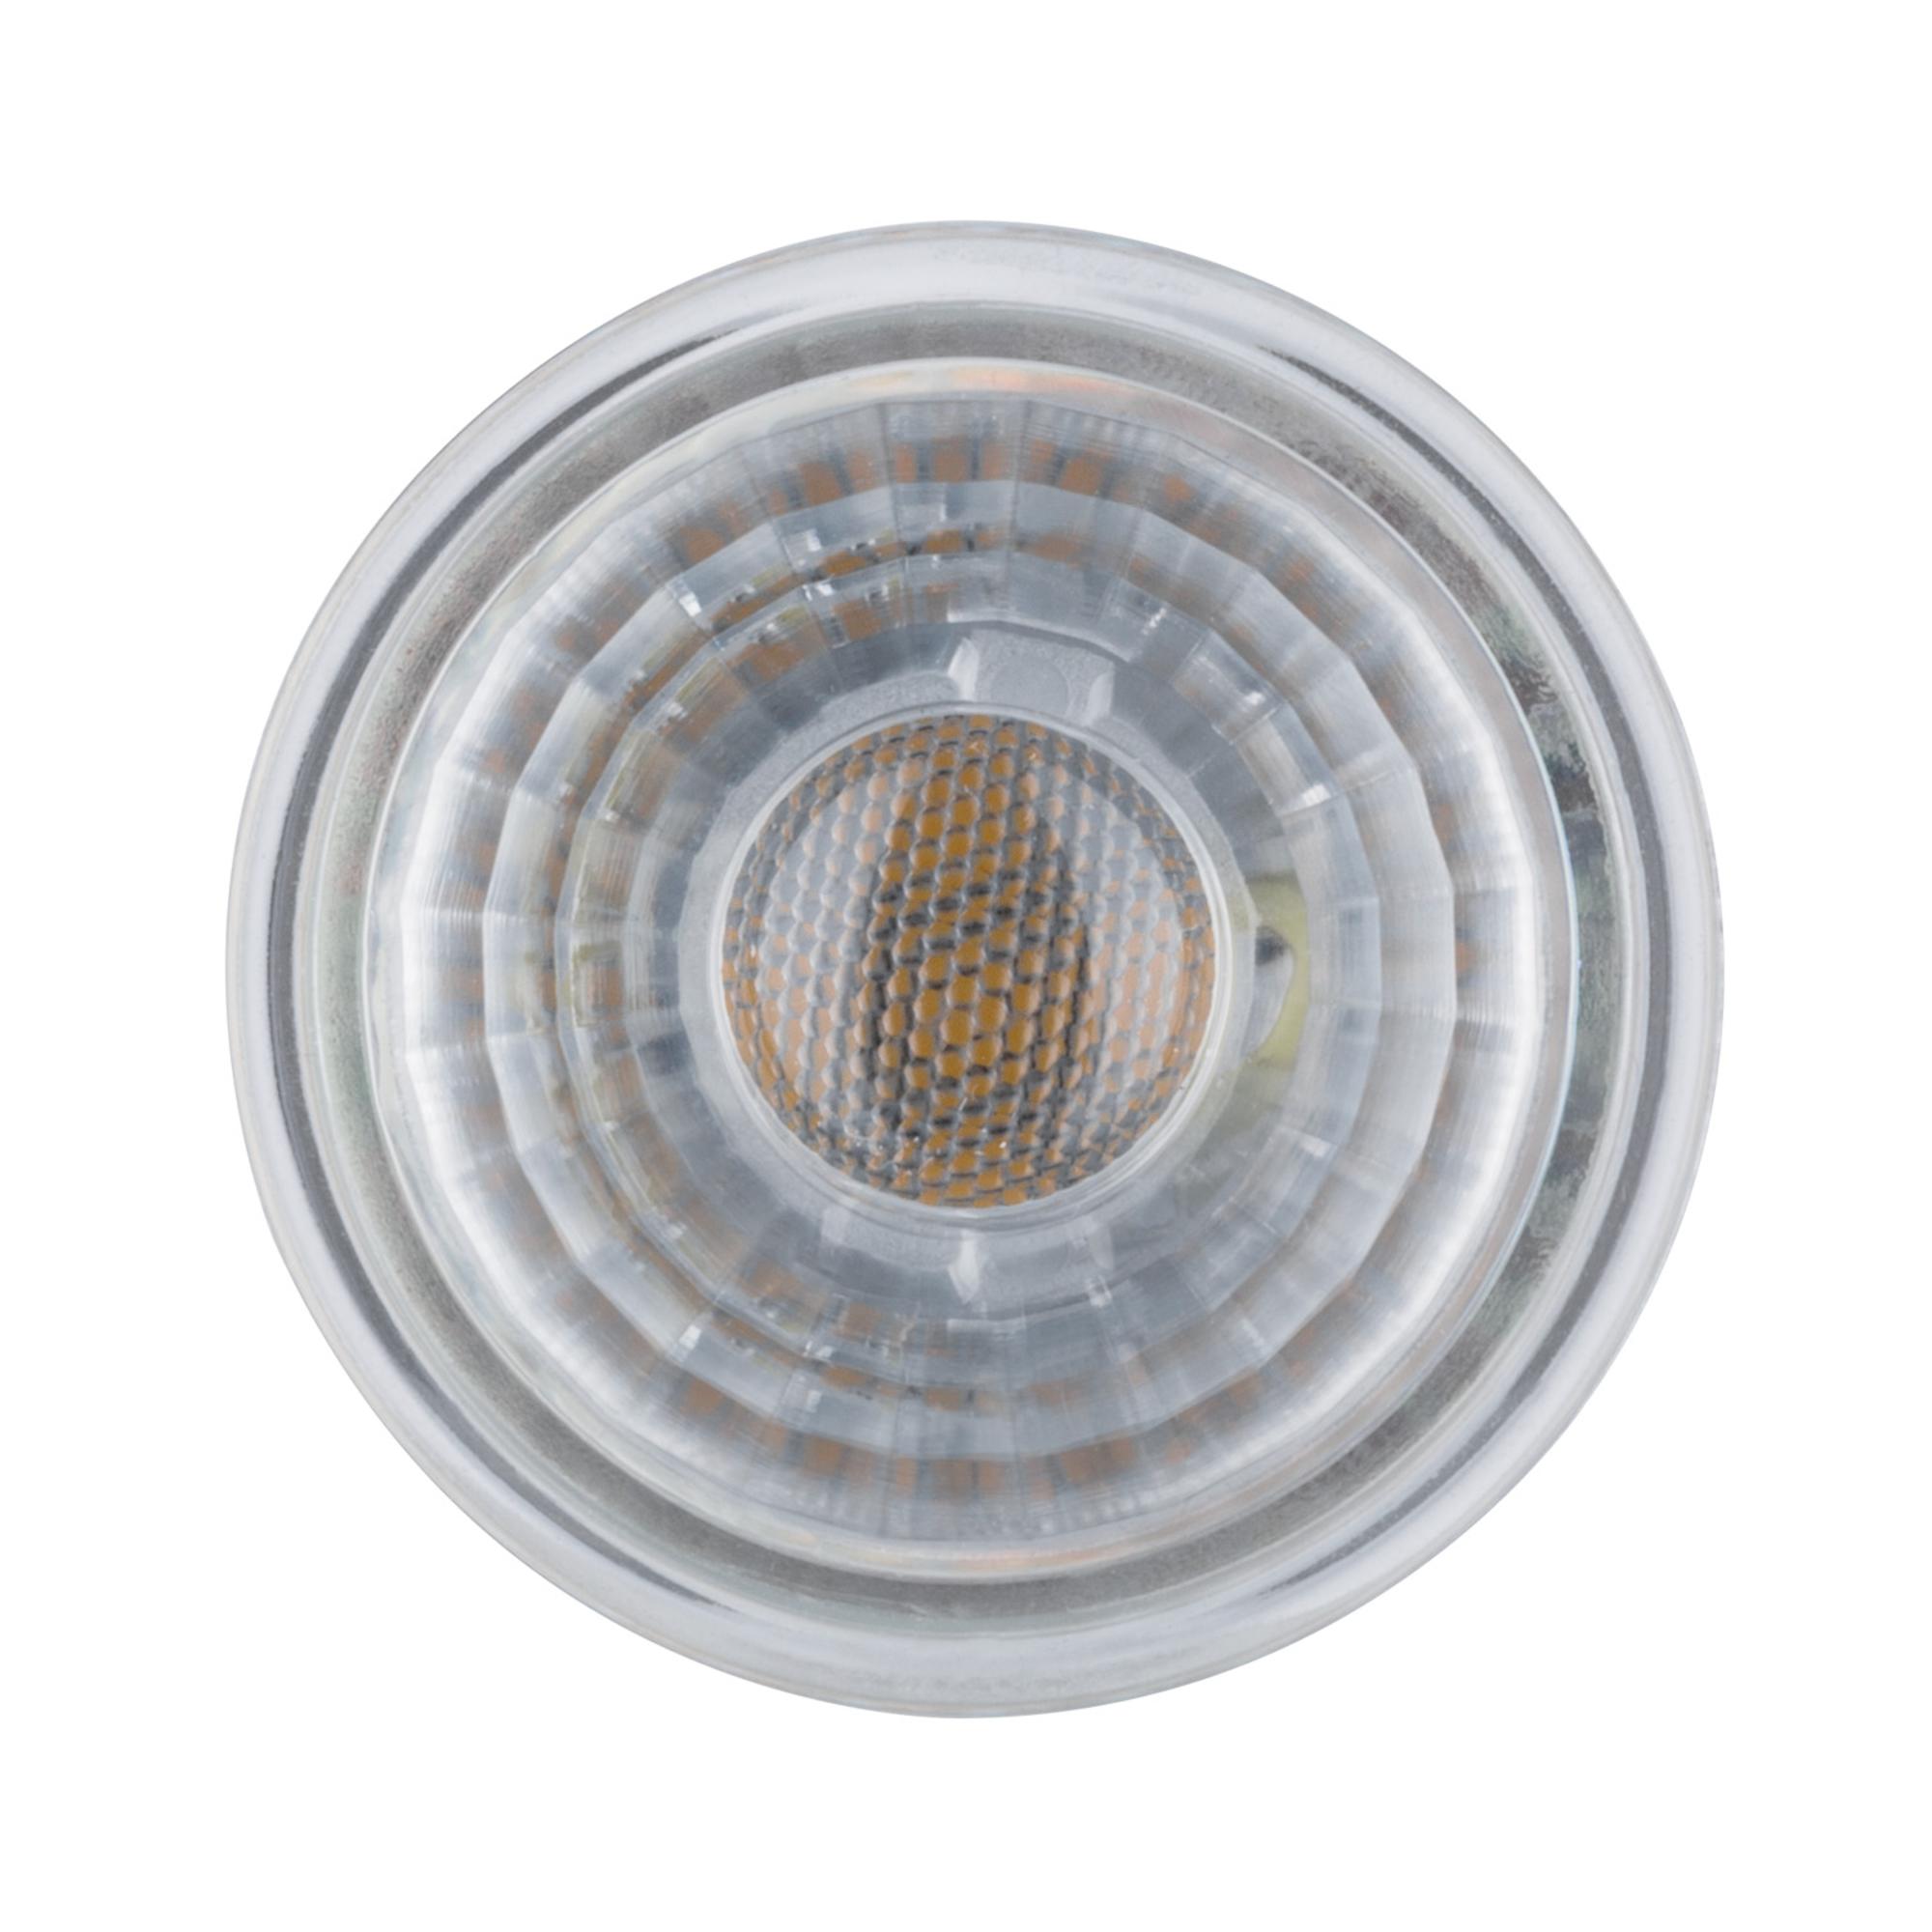 Лампа светодиодная Paulmann Рефлекторная 3.2Вт 230лм GU10 2700K 230В Серебро 28409.